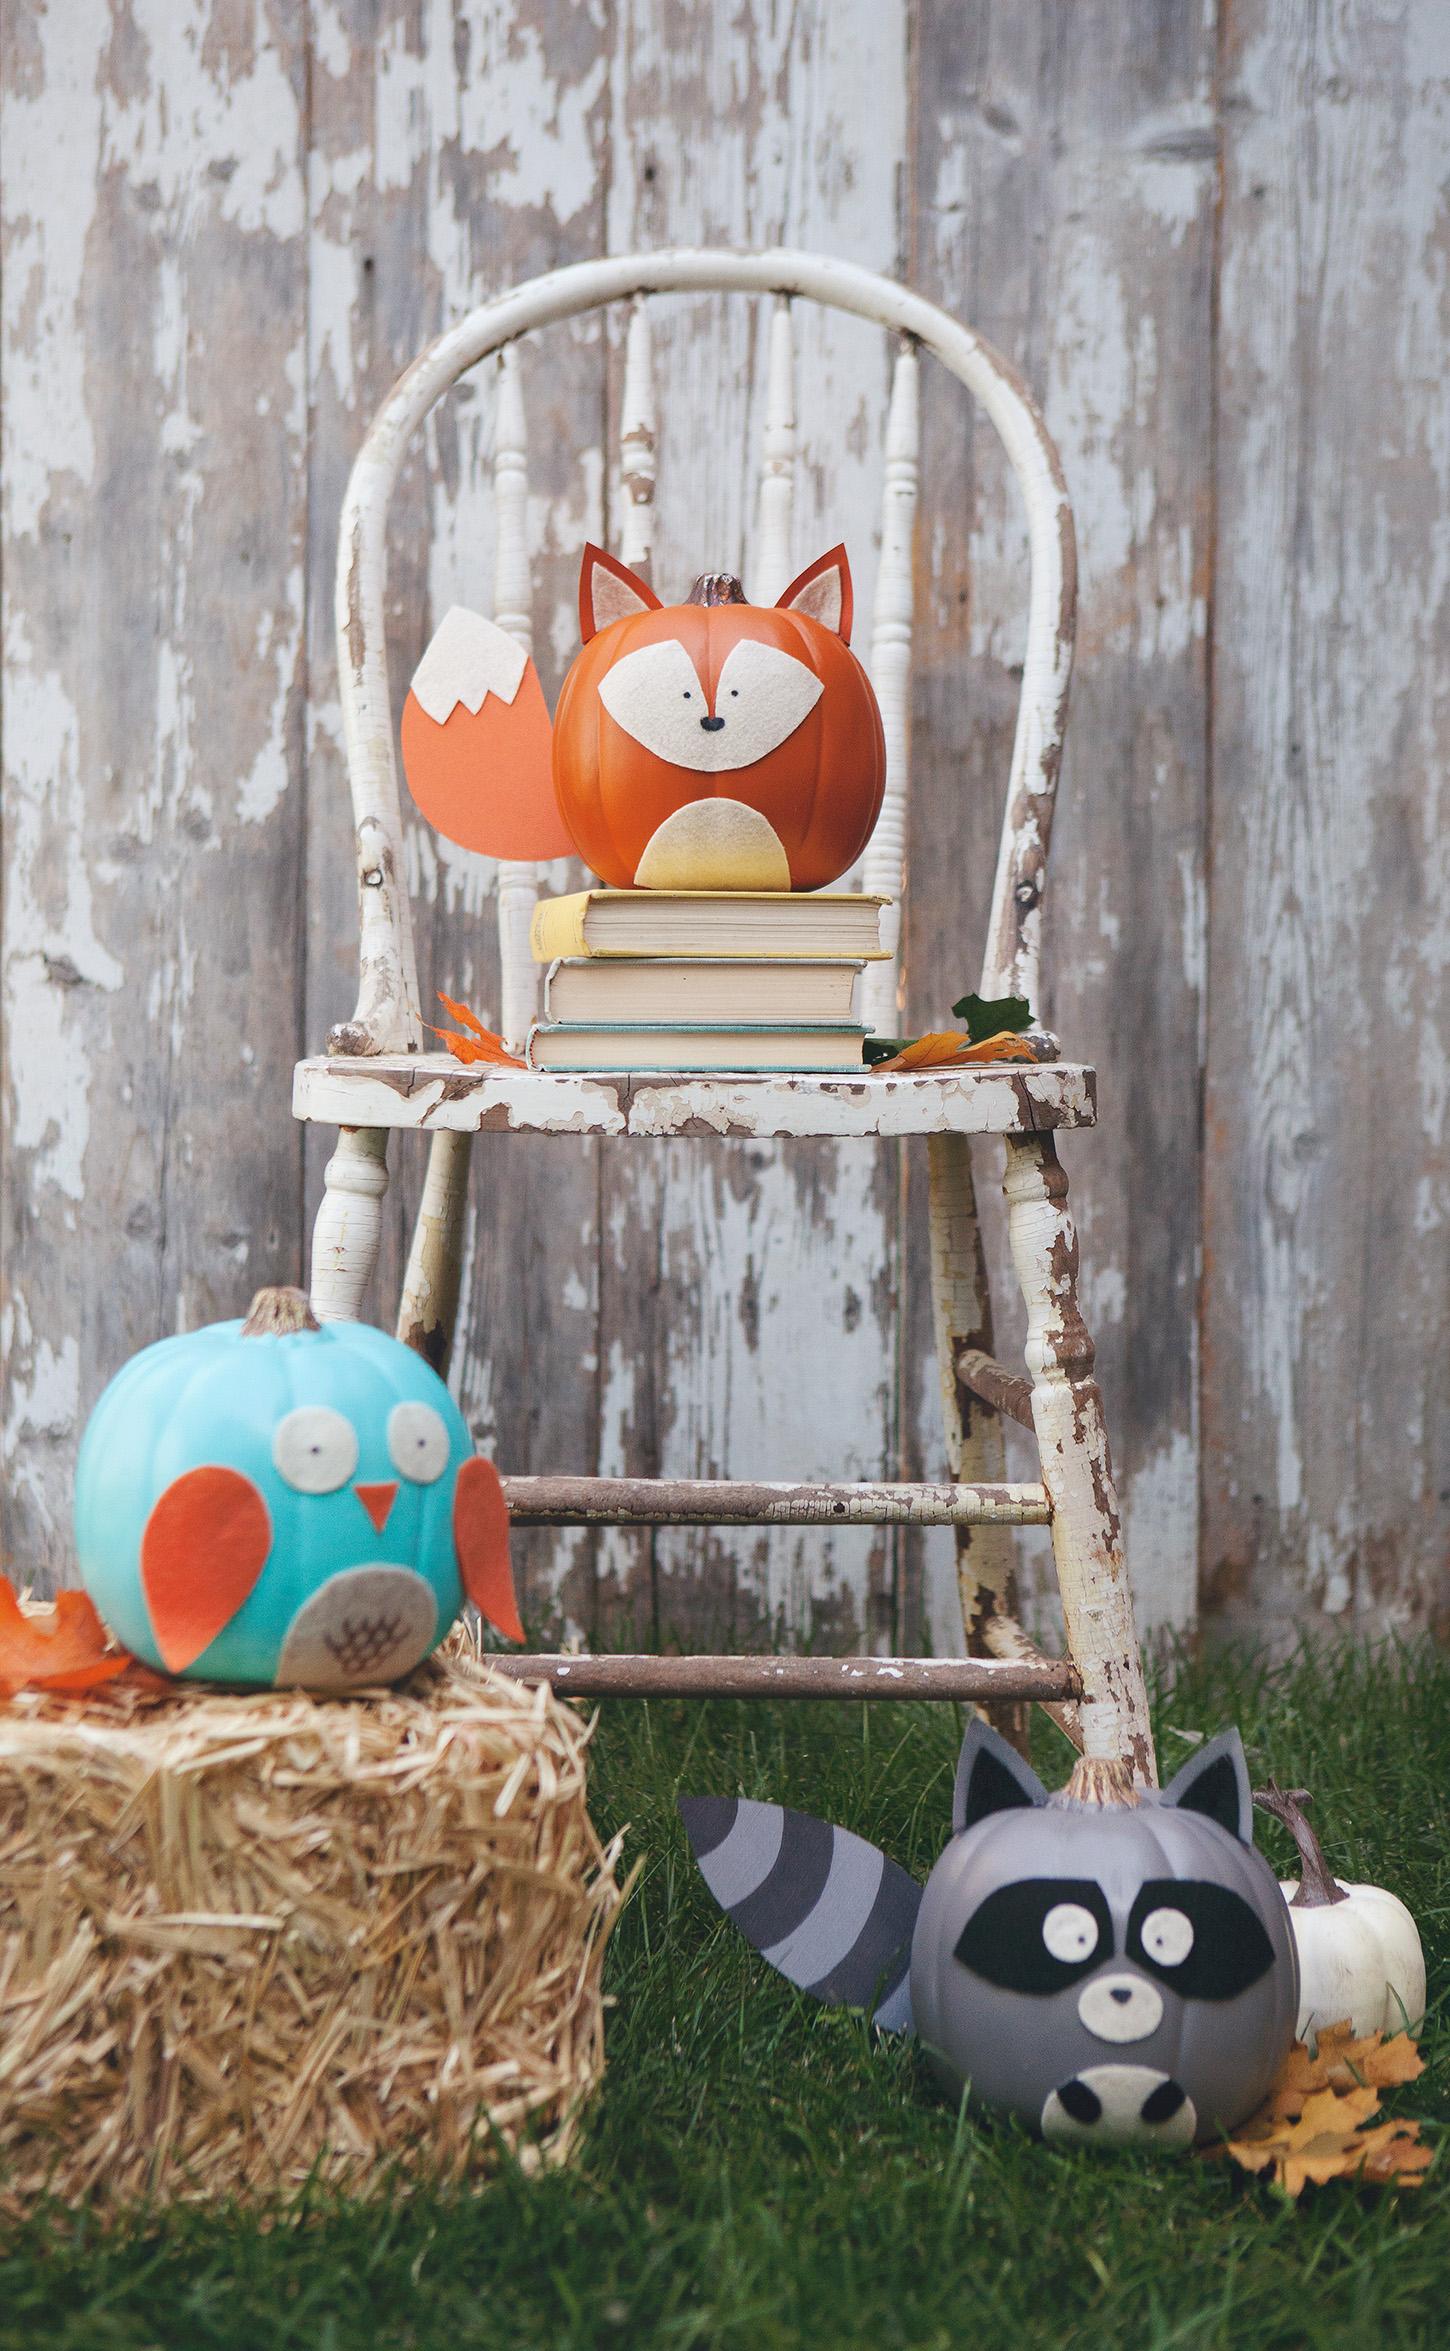 DIY woodland no carve pumpkins for kids